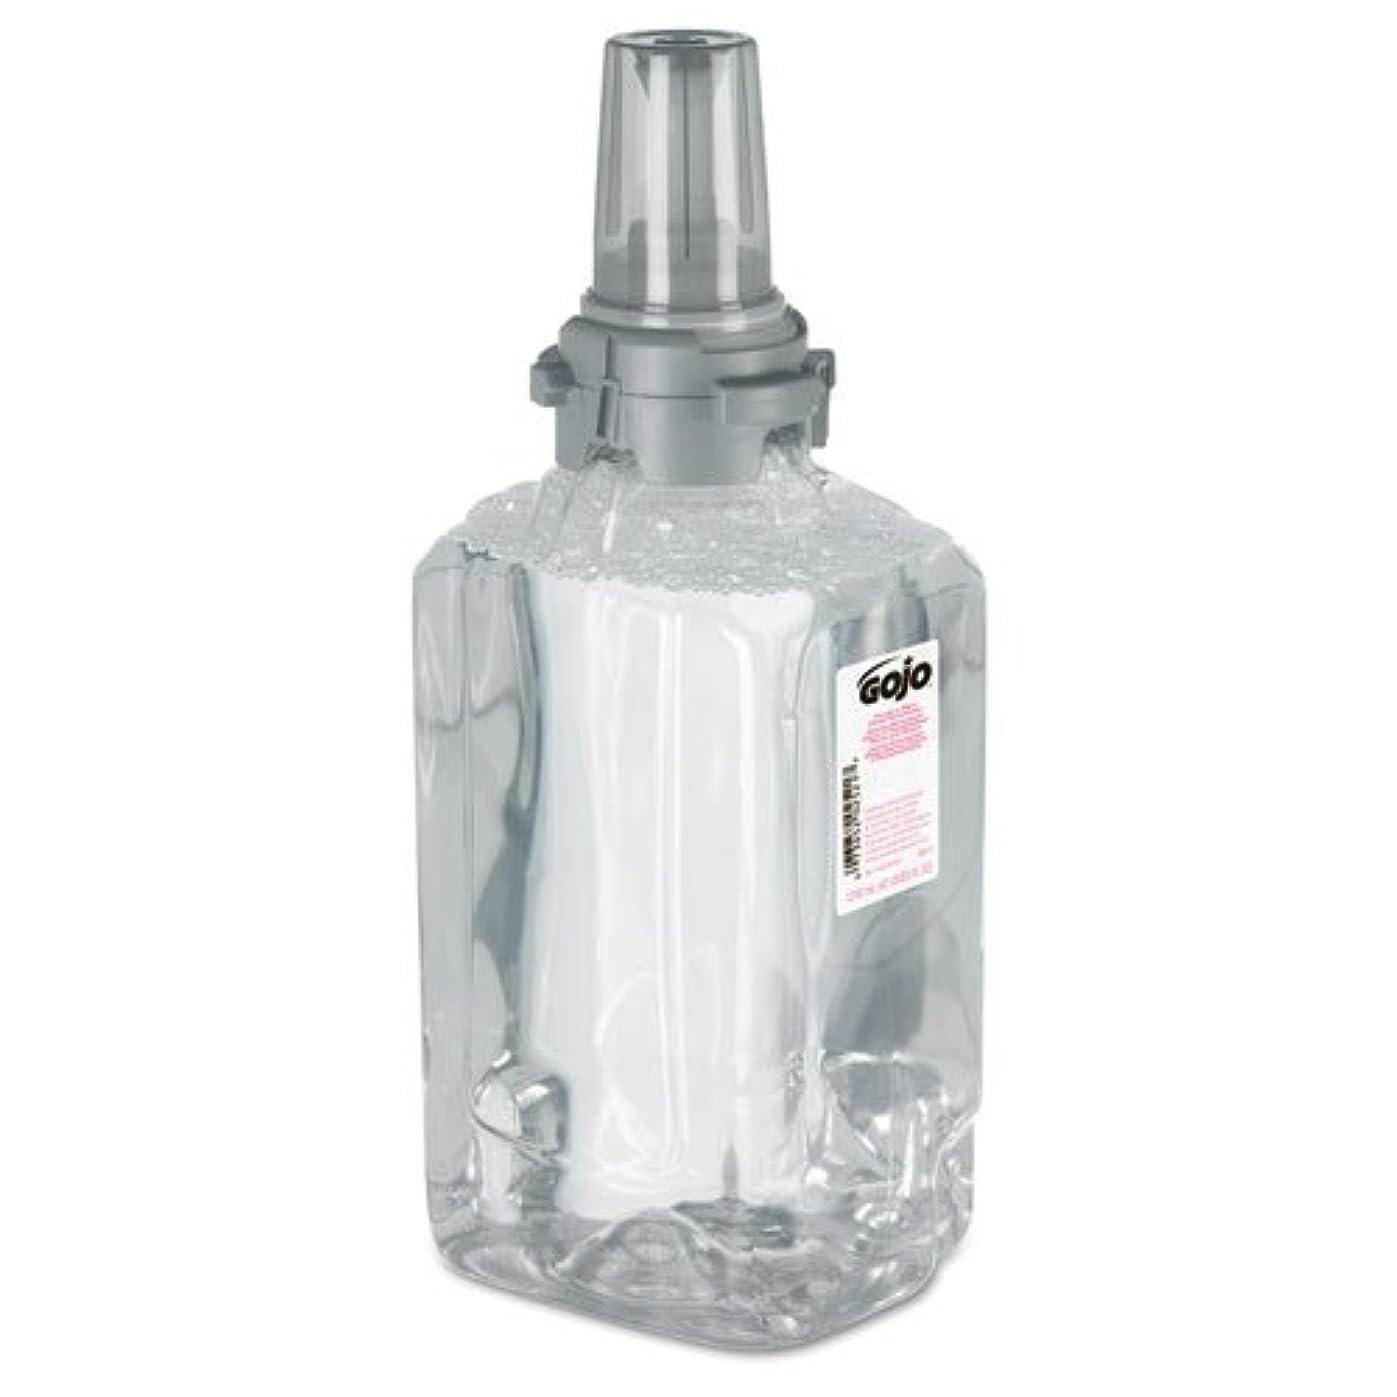 goj881103 – クリアAmp ; Mild Foam Handwash Refill